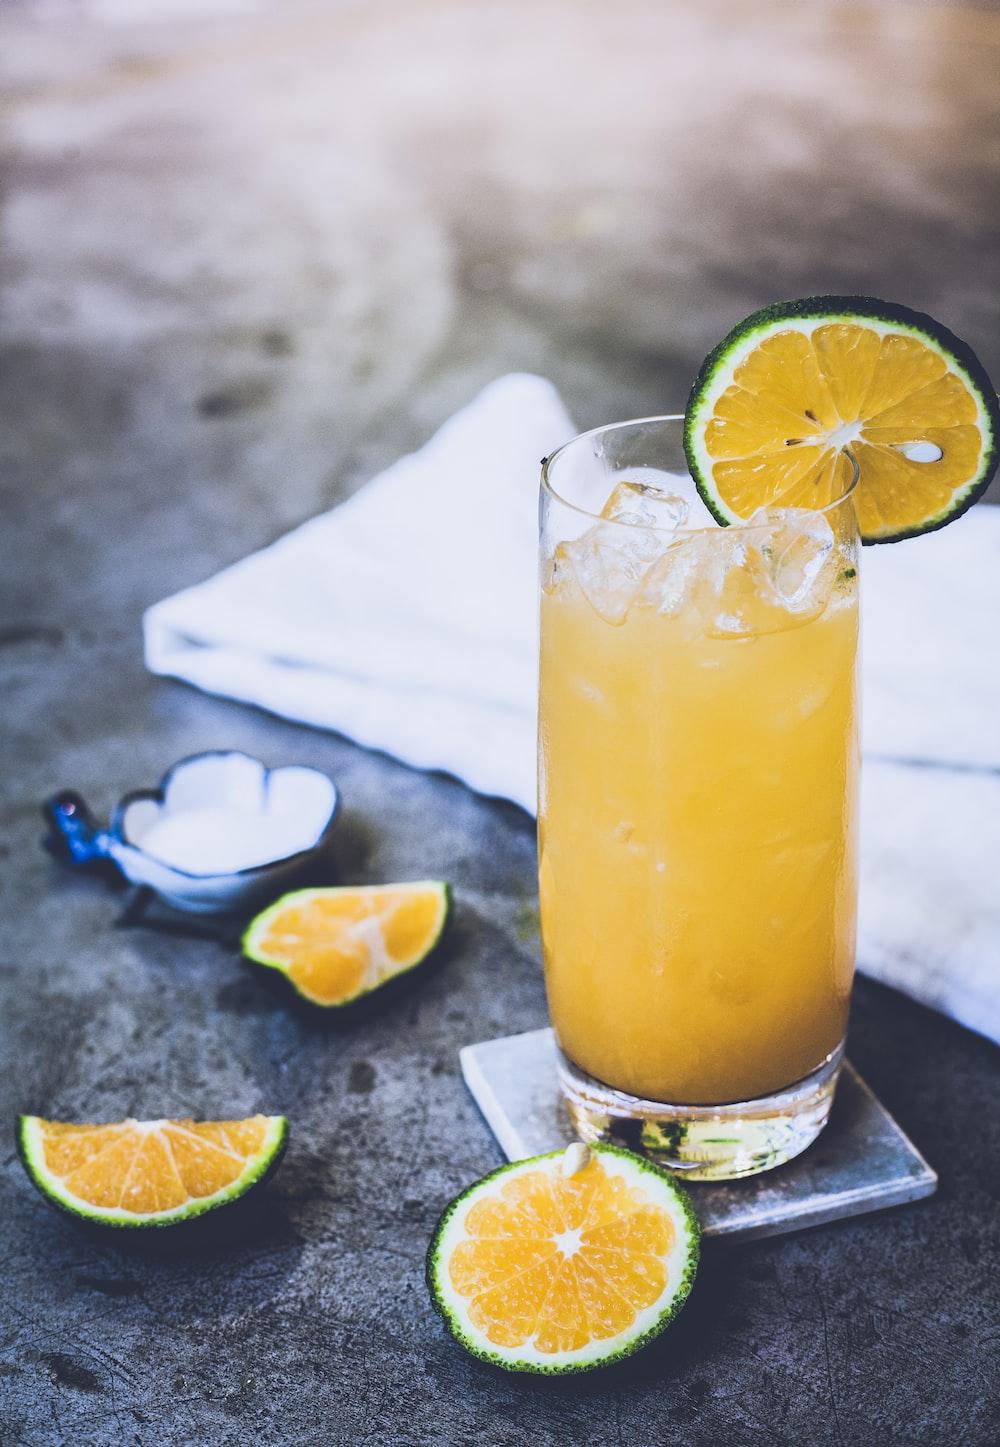 citrus juice on glass near towel